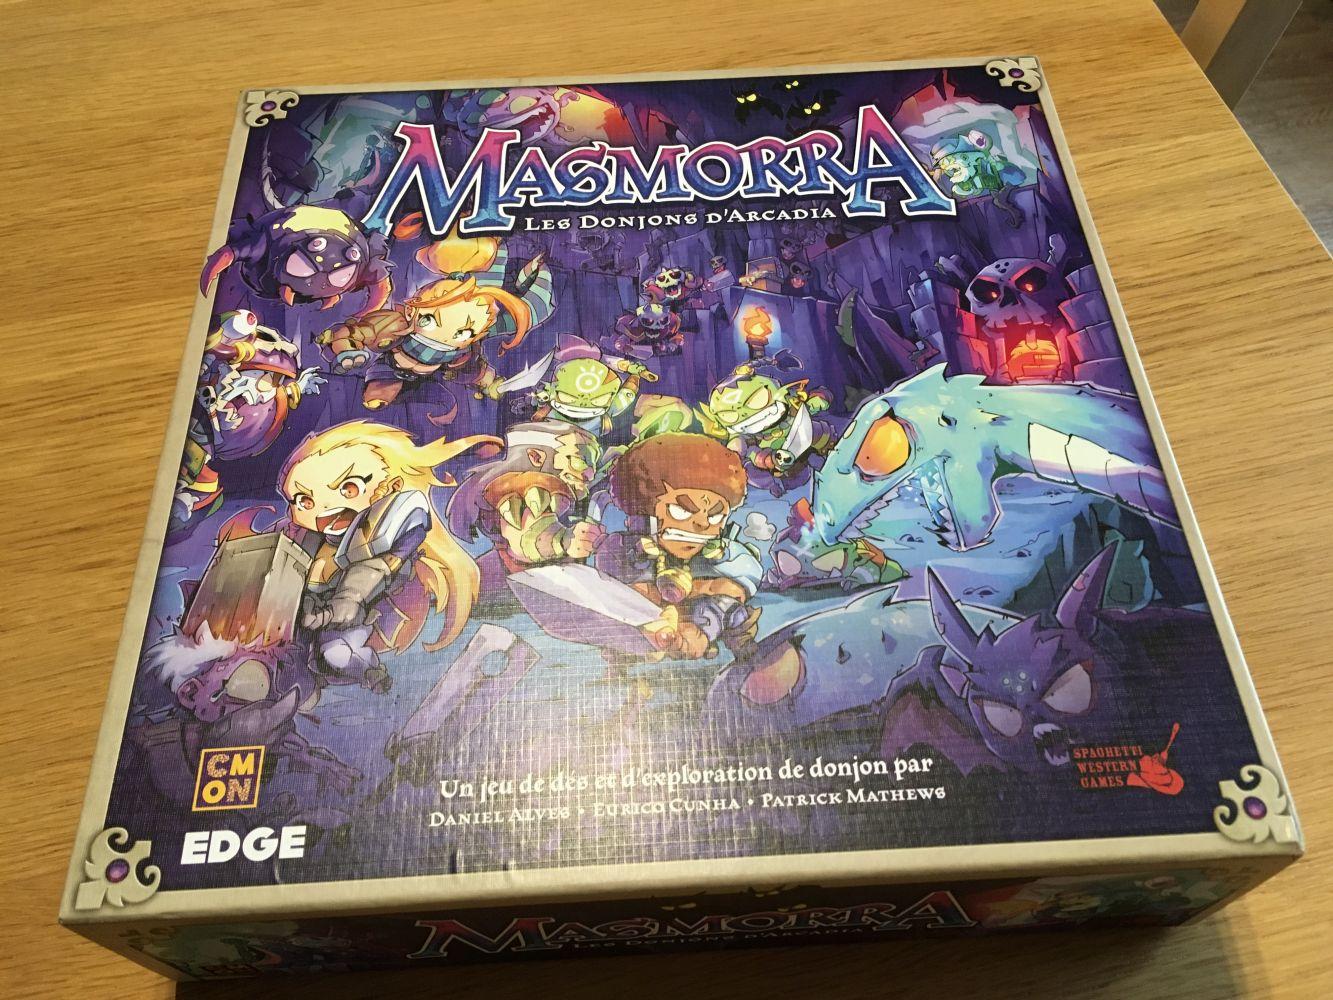 La boite de Masmorra : Les Donjons d'Arcadia